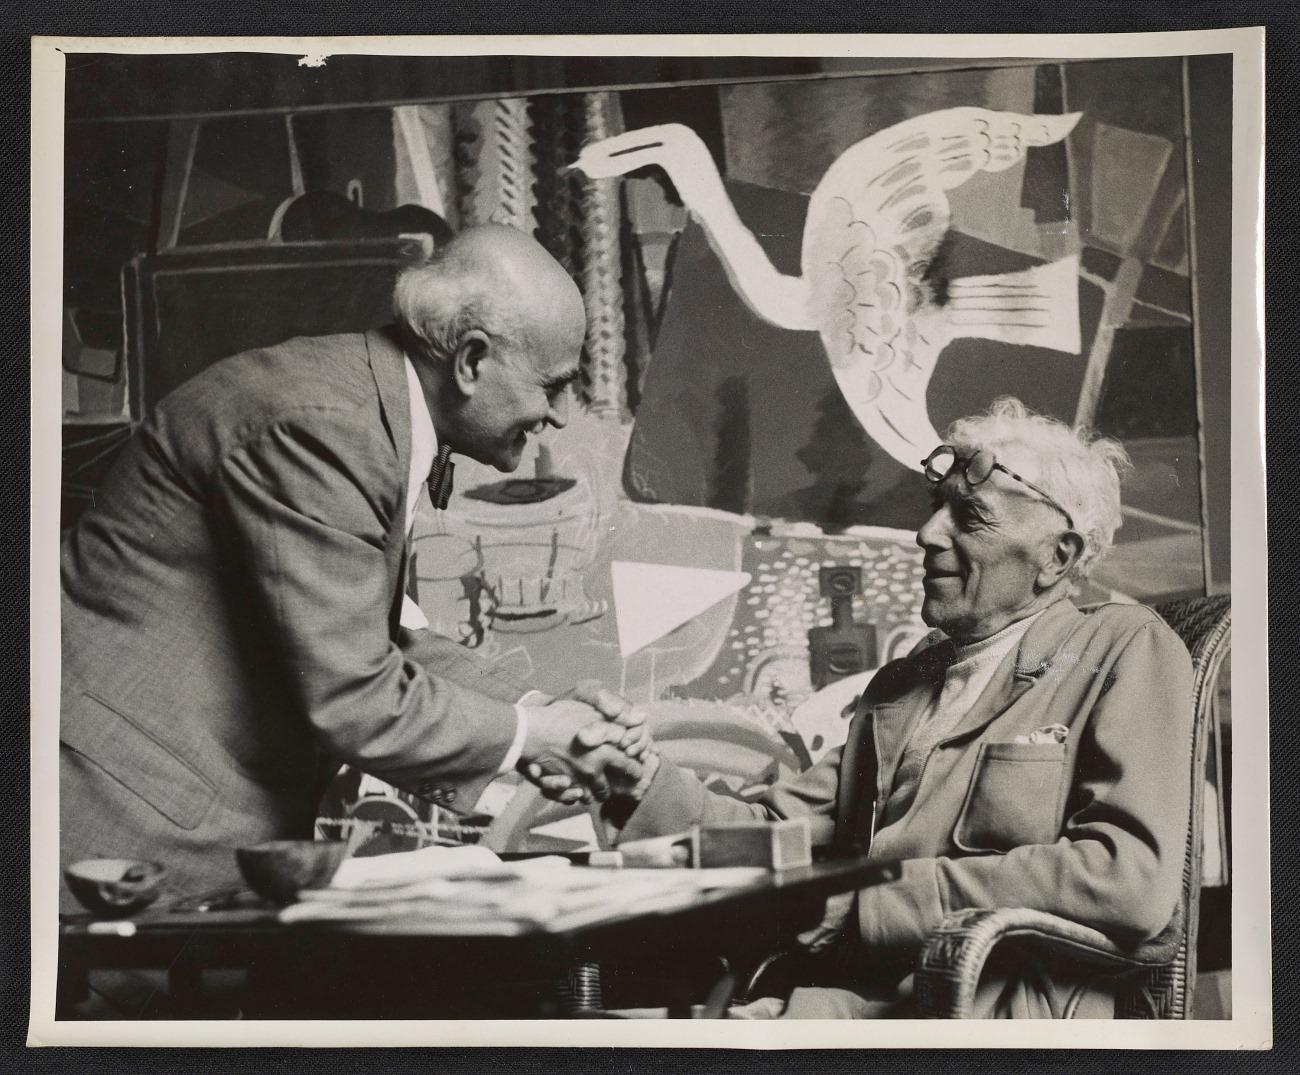 Chi era Georges Braque